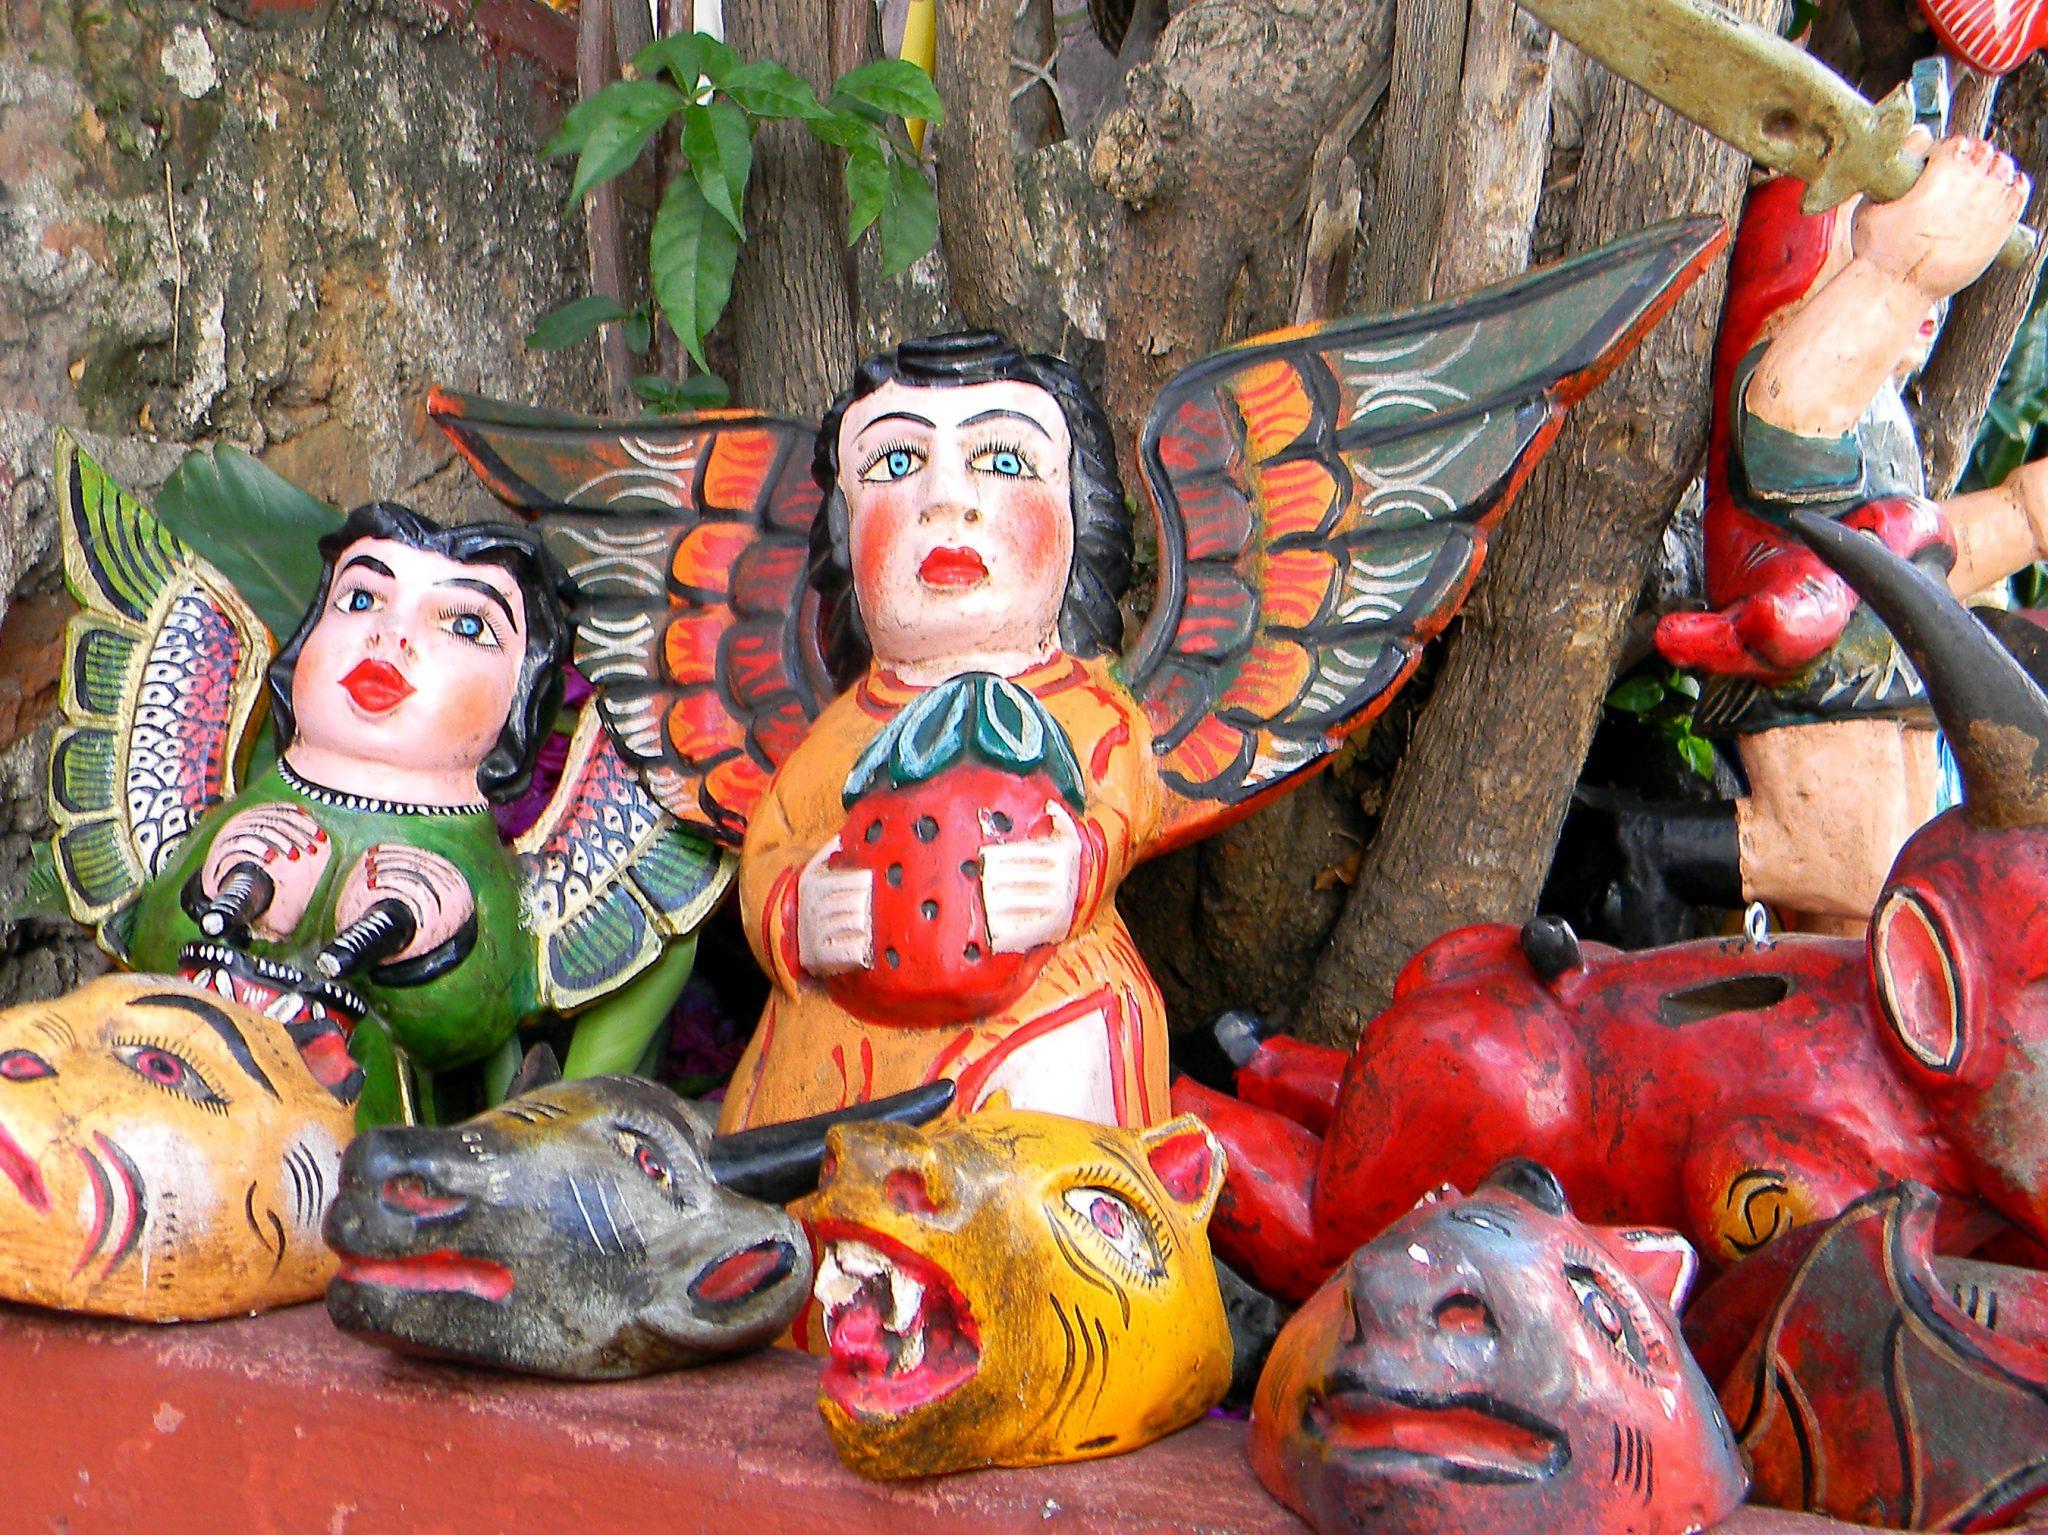 alebrijes: artesanías que se hacen a mano y que se han masificado como una de las imágenes que representana México en el mundo.